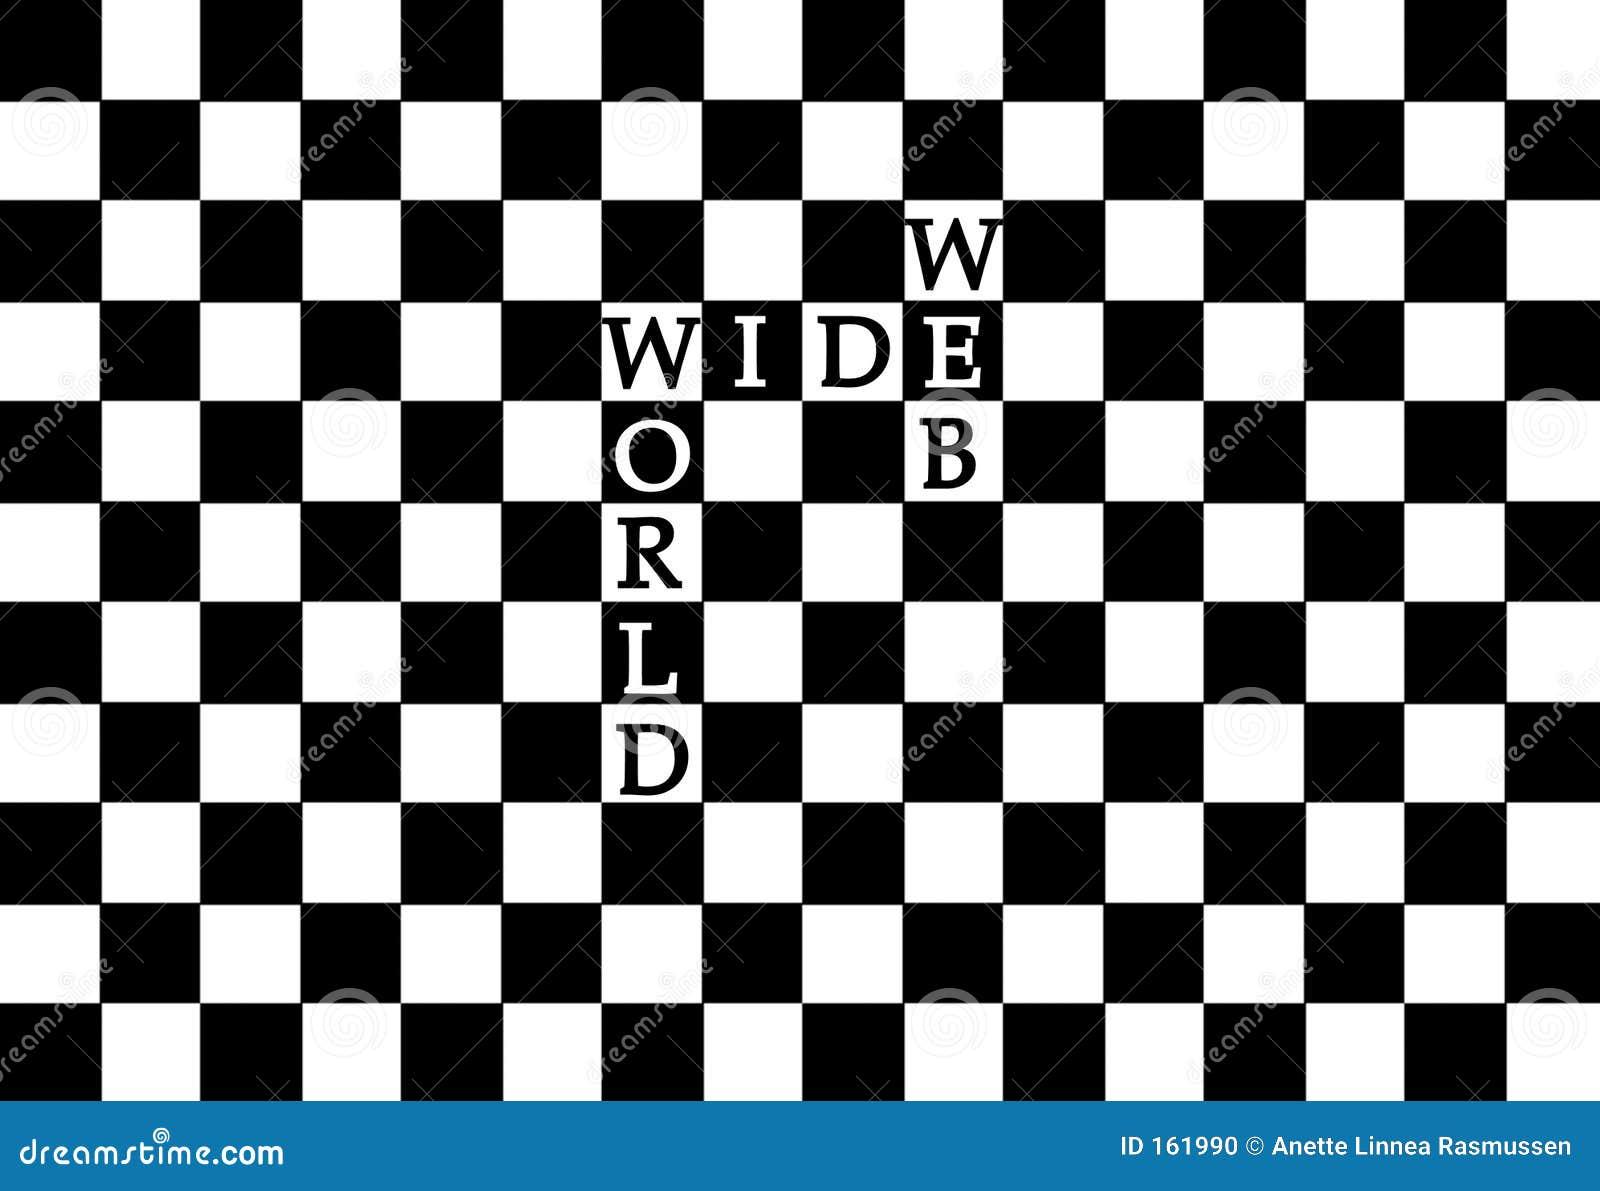 棋模式万维网宽世界